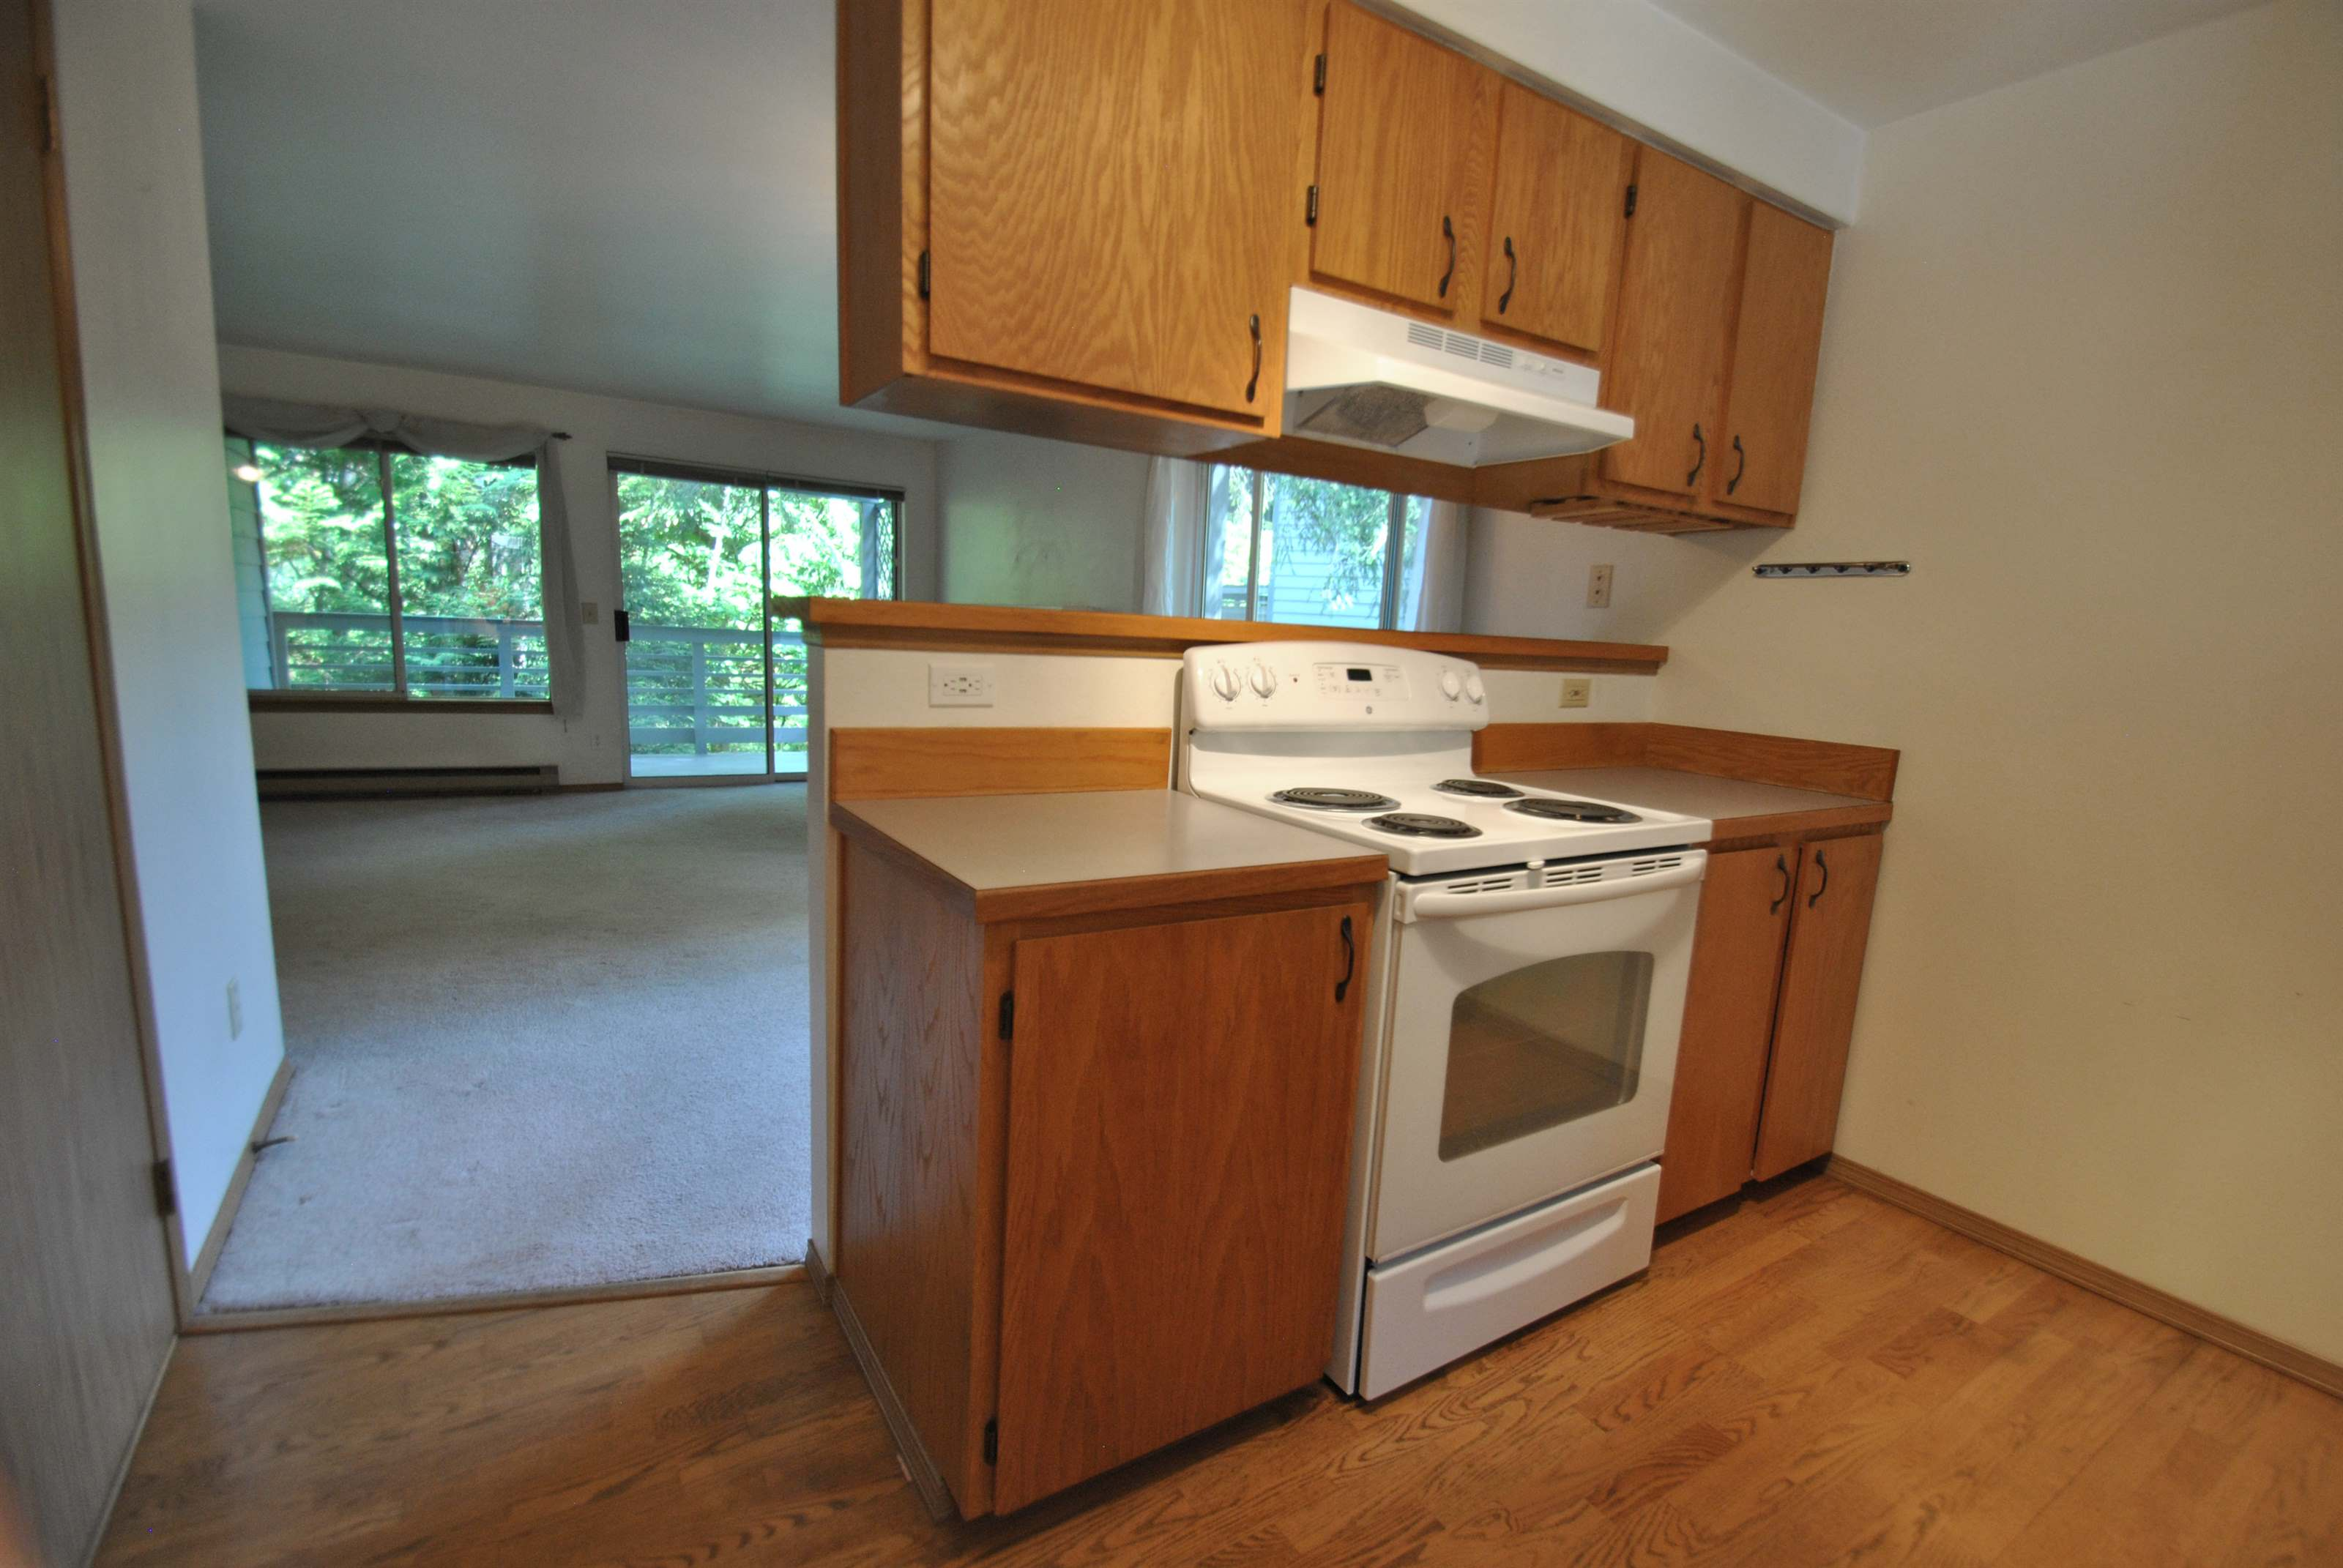 9816 NE 142nd Place, #E202, Kirkland, WA 98034